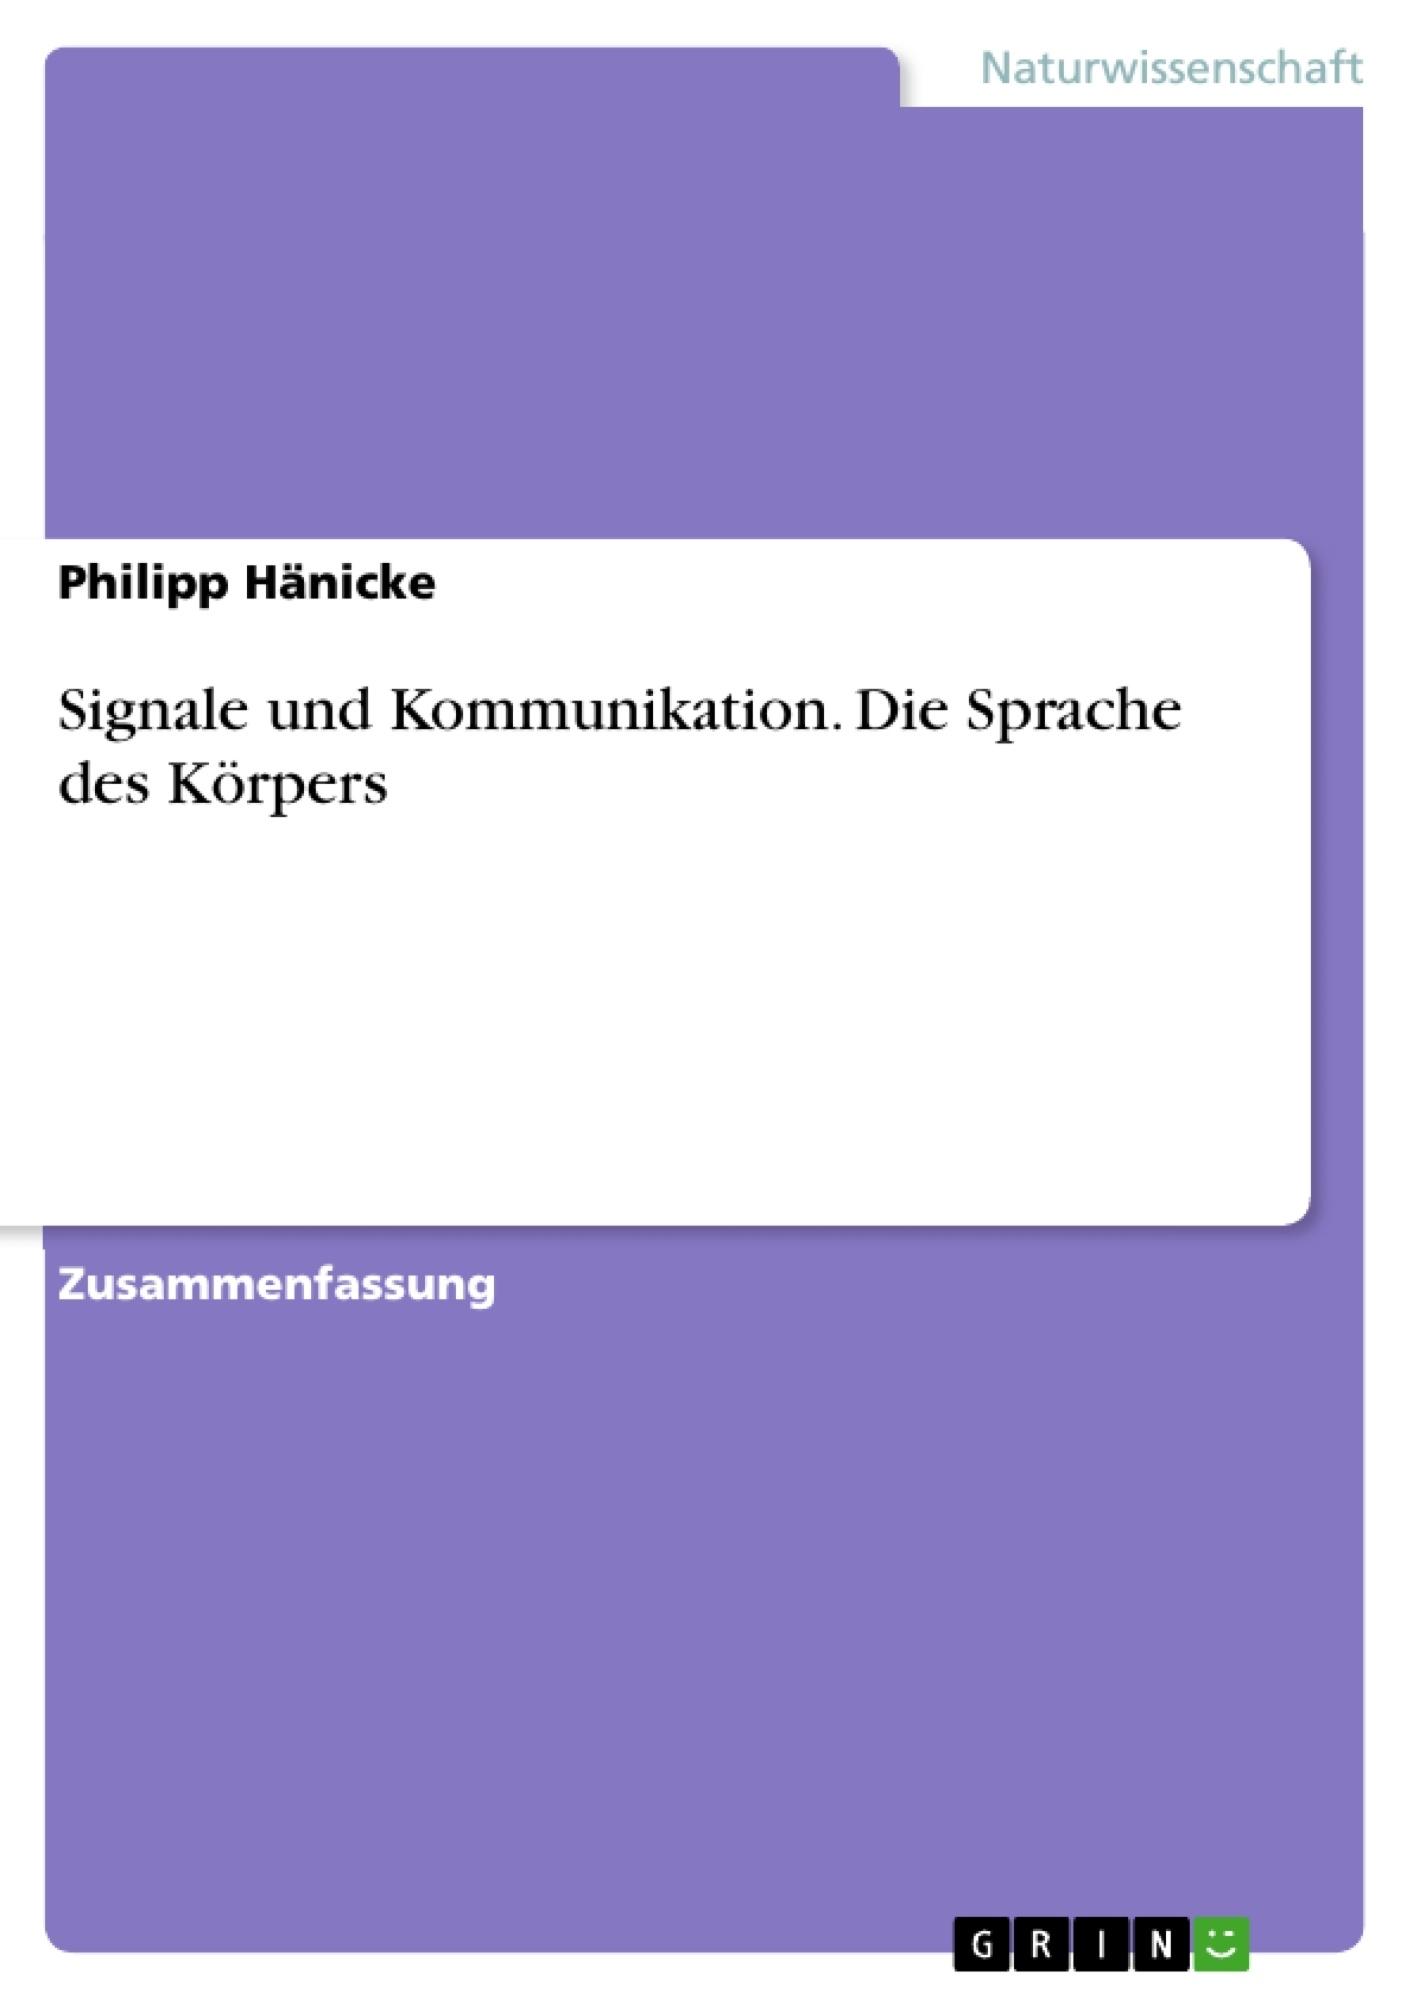 Titel: Signale und Kommunikation. Die Sprache des Körpers